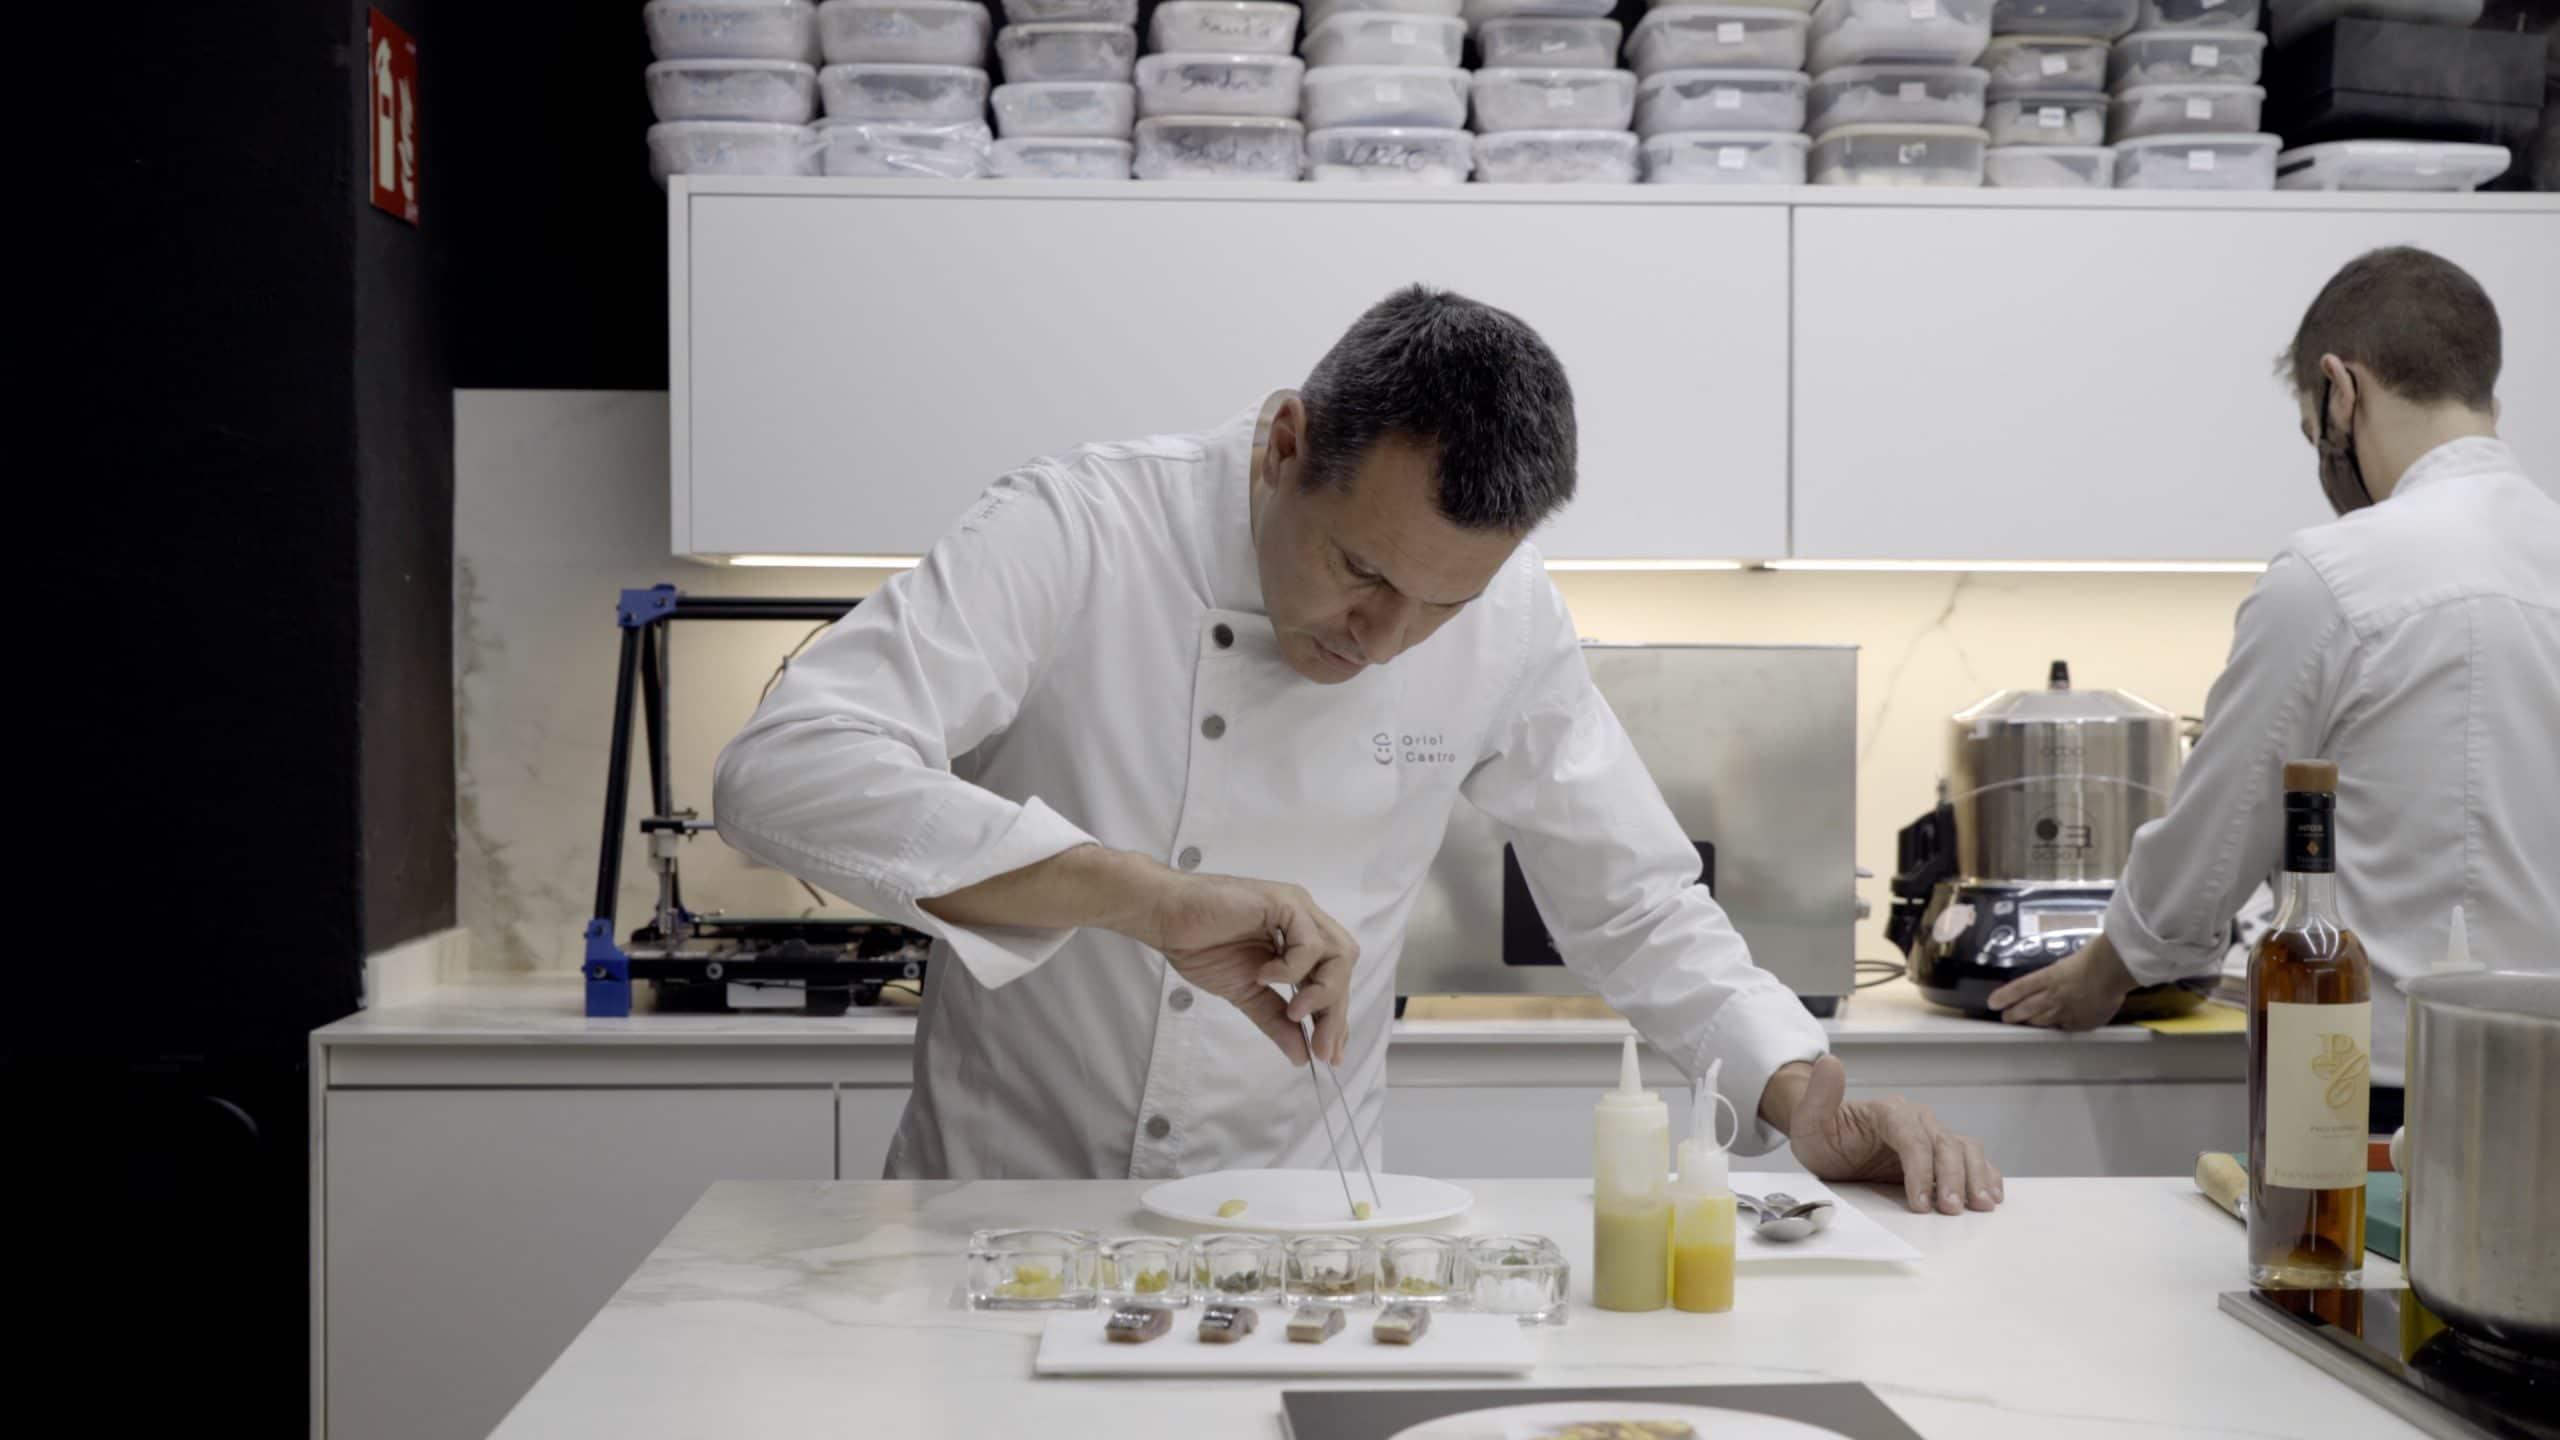 Les chefs de Disfrutar sont à la pointe de la cuisine créative catalane